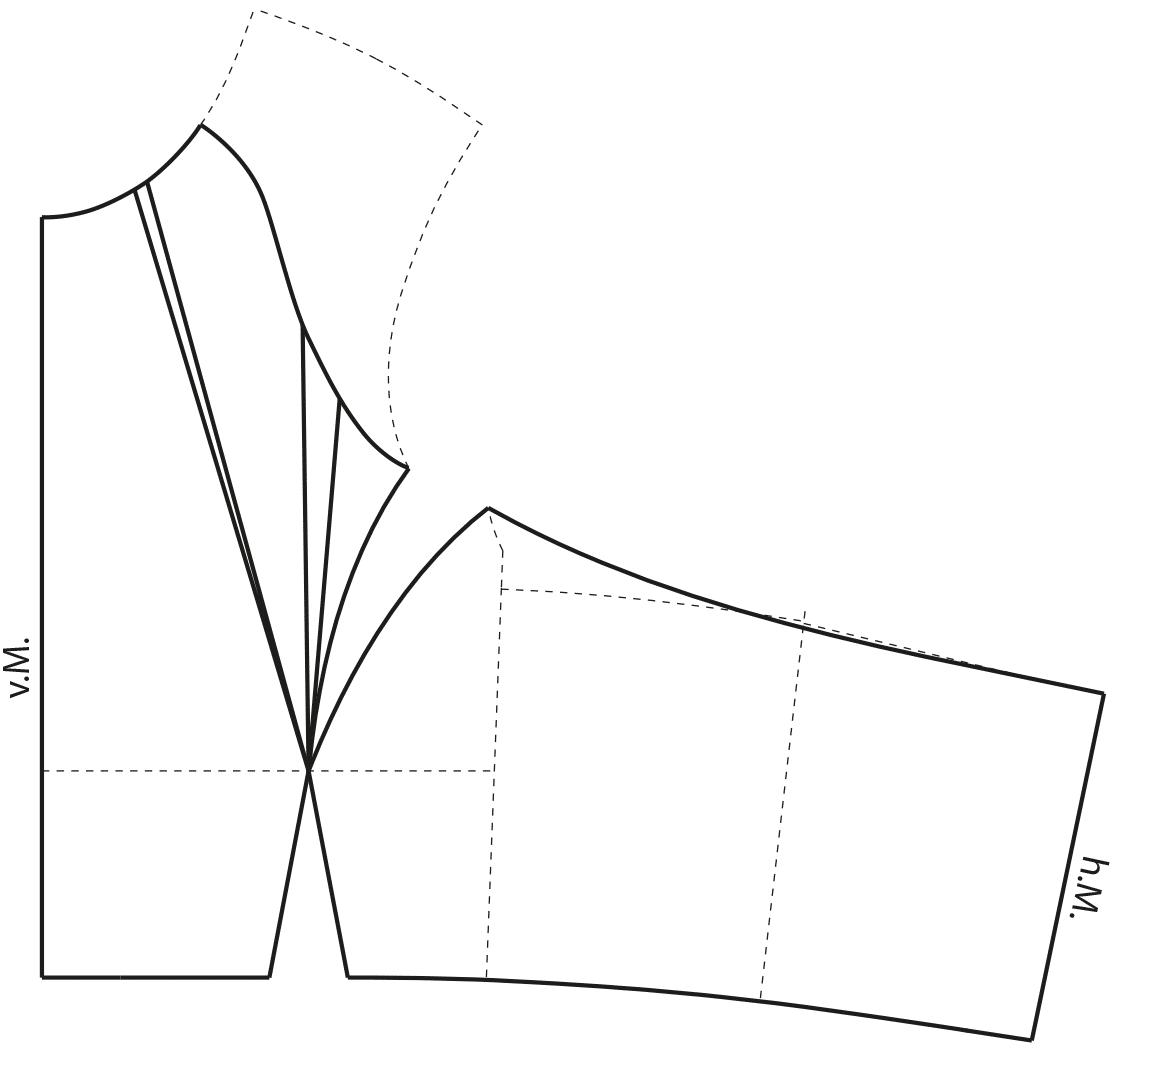 Die Abnäherverlgung an dem Vorderteil für den Sportswear Bikini wird vorgenommen.